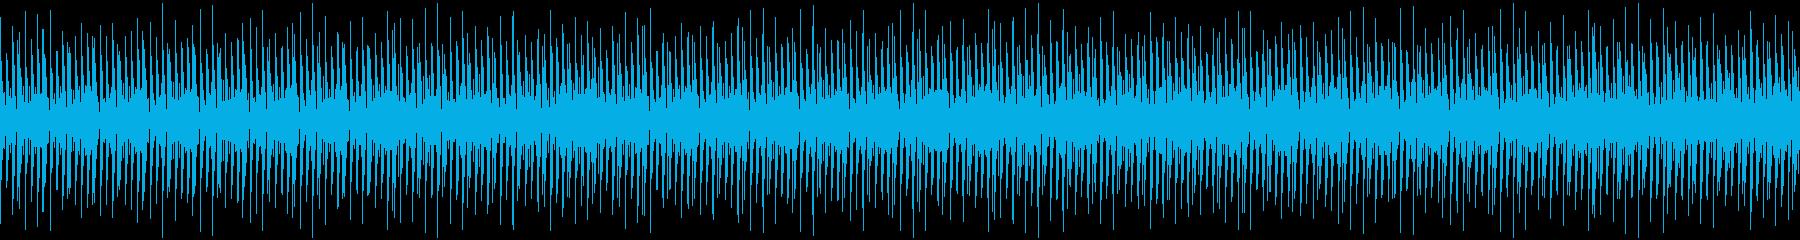 ギターとマリンバでのんきな音楽 の再生済みの波形